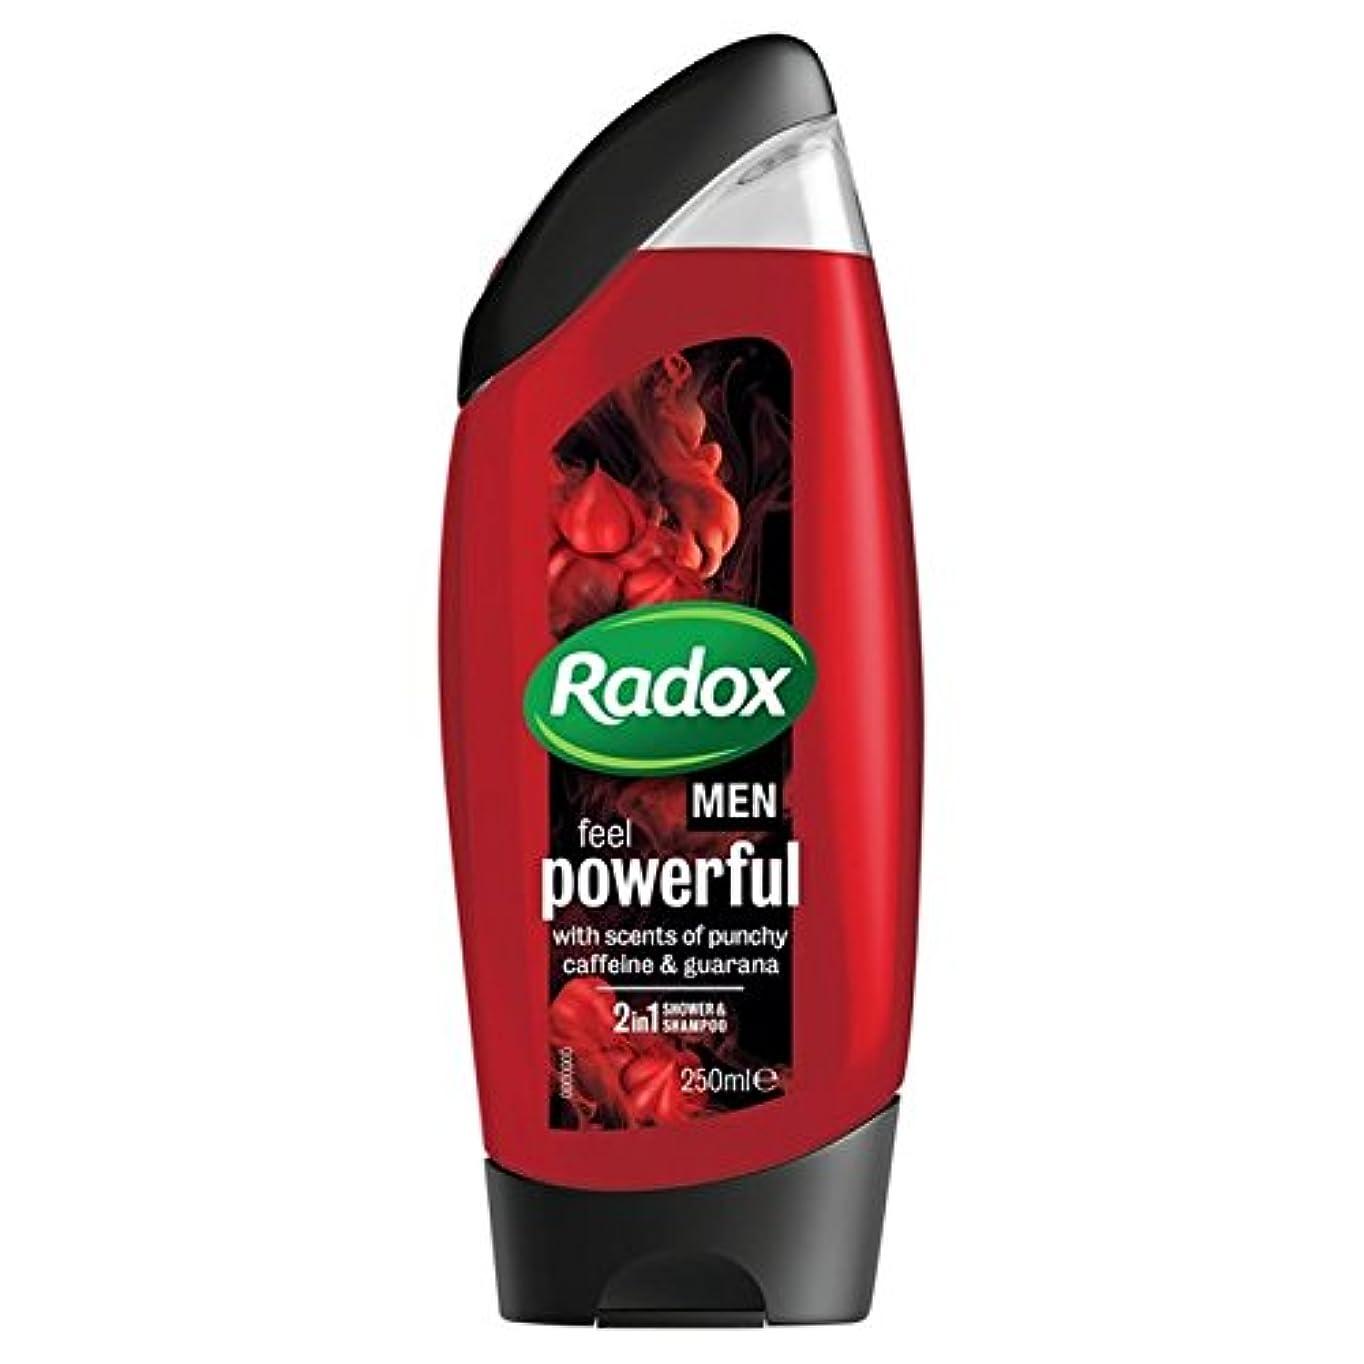 インスタント破壊的な差別する男性は、強力なシャワージェル250ミリリットルを感じるため x4 - Radox for Men Feel Powerful Shower Gel 250ml (Pack of 4) [並行輸入品]